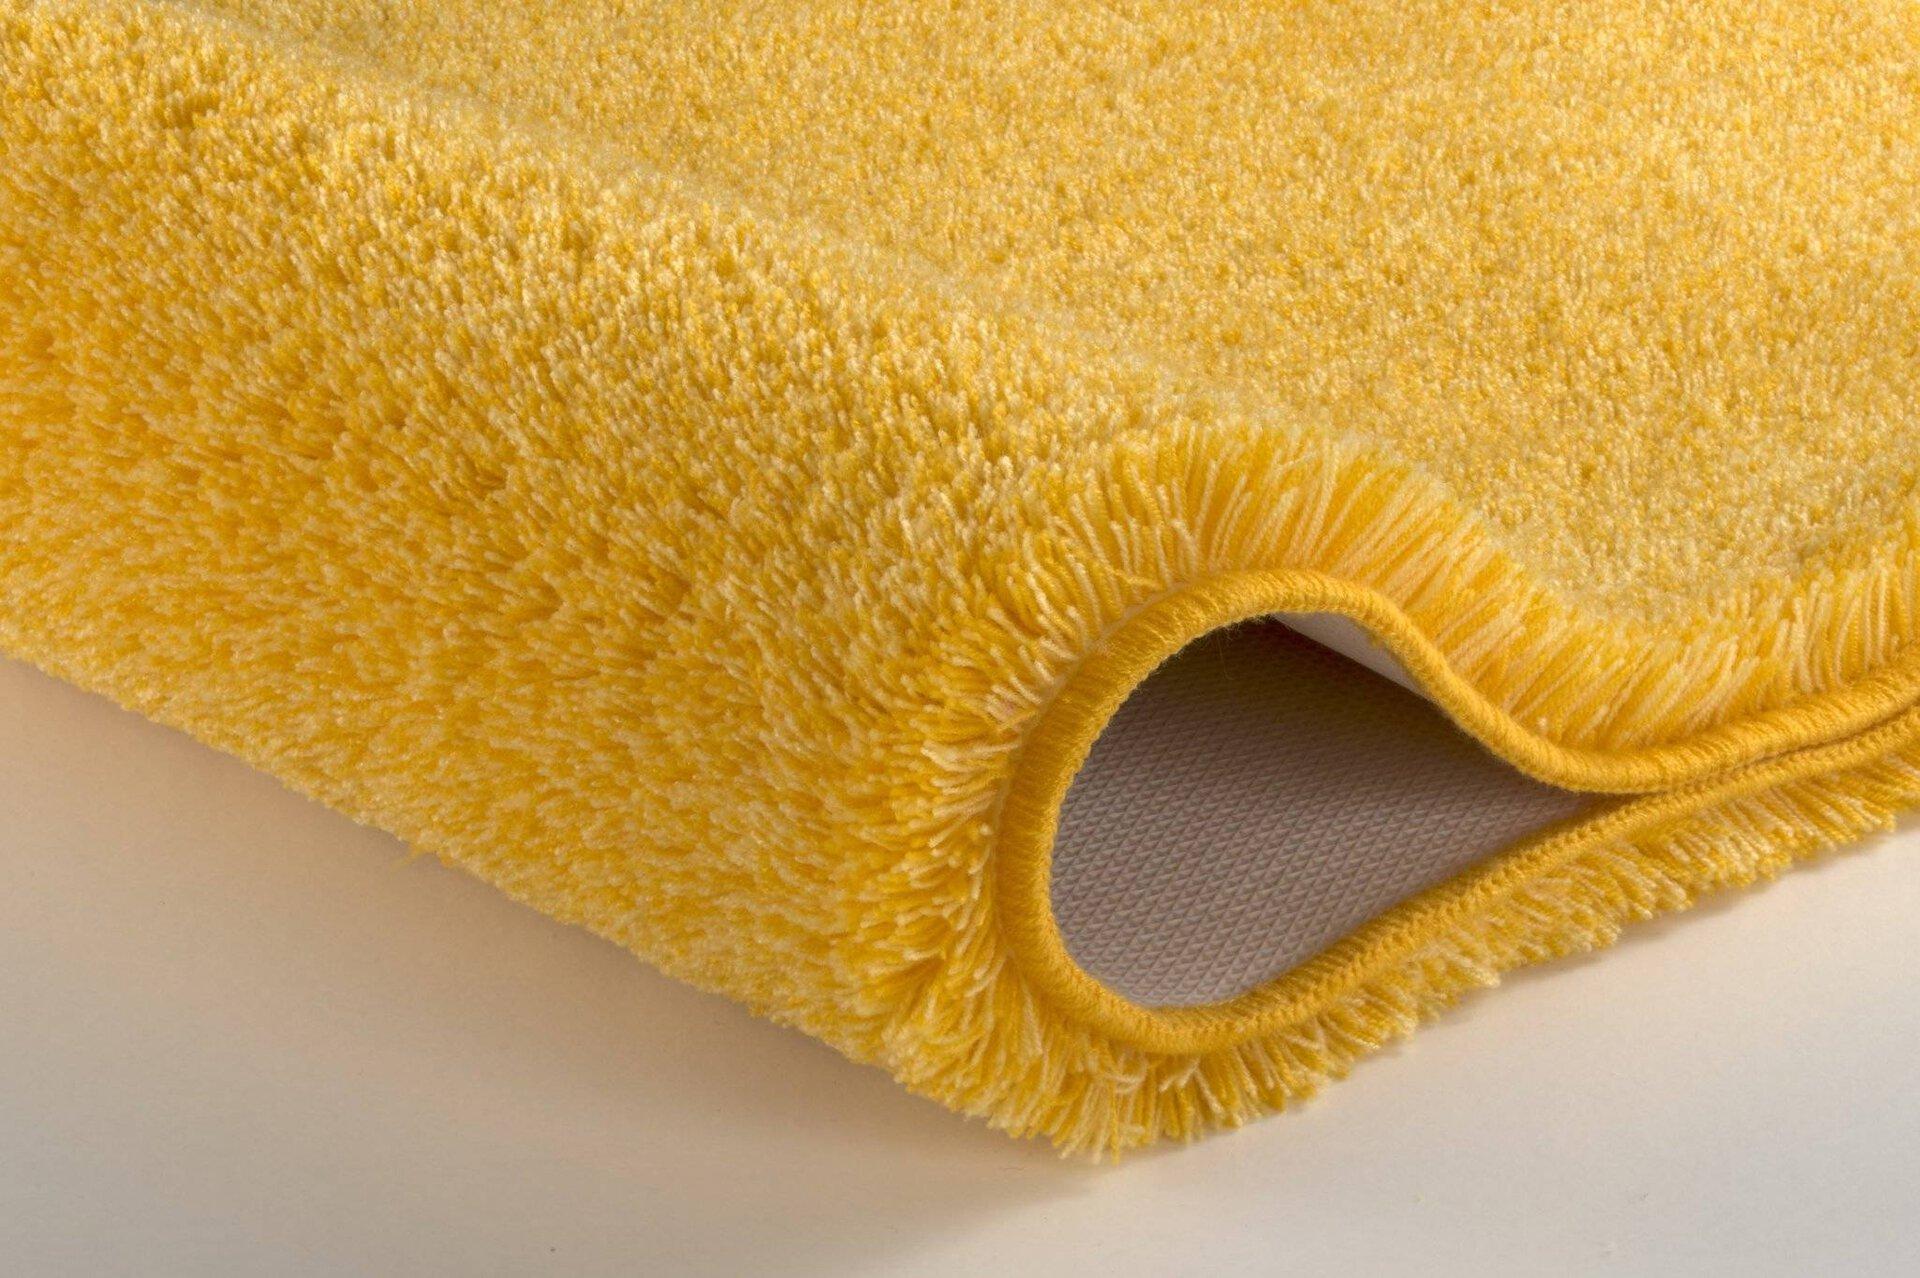 Deckelbezug Relax Kleine Wolke Textil 50 x 3 x 47 cm